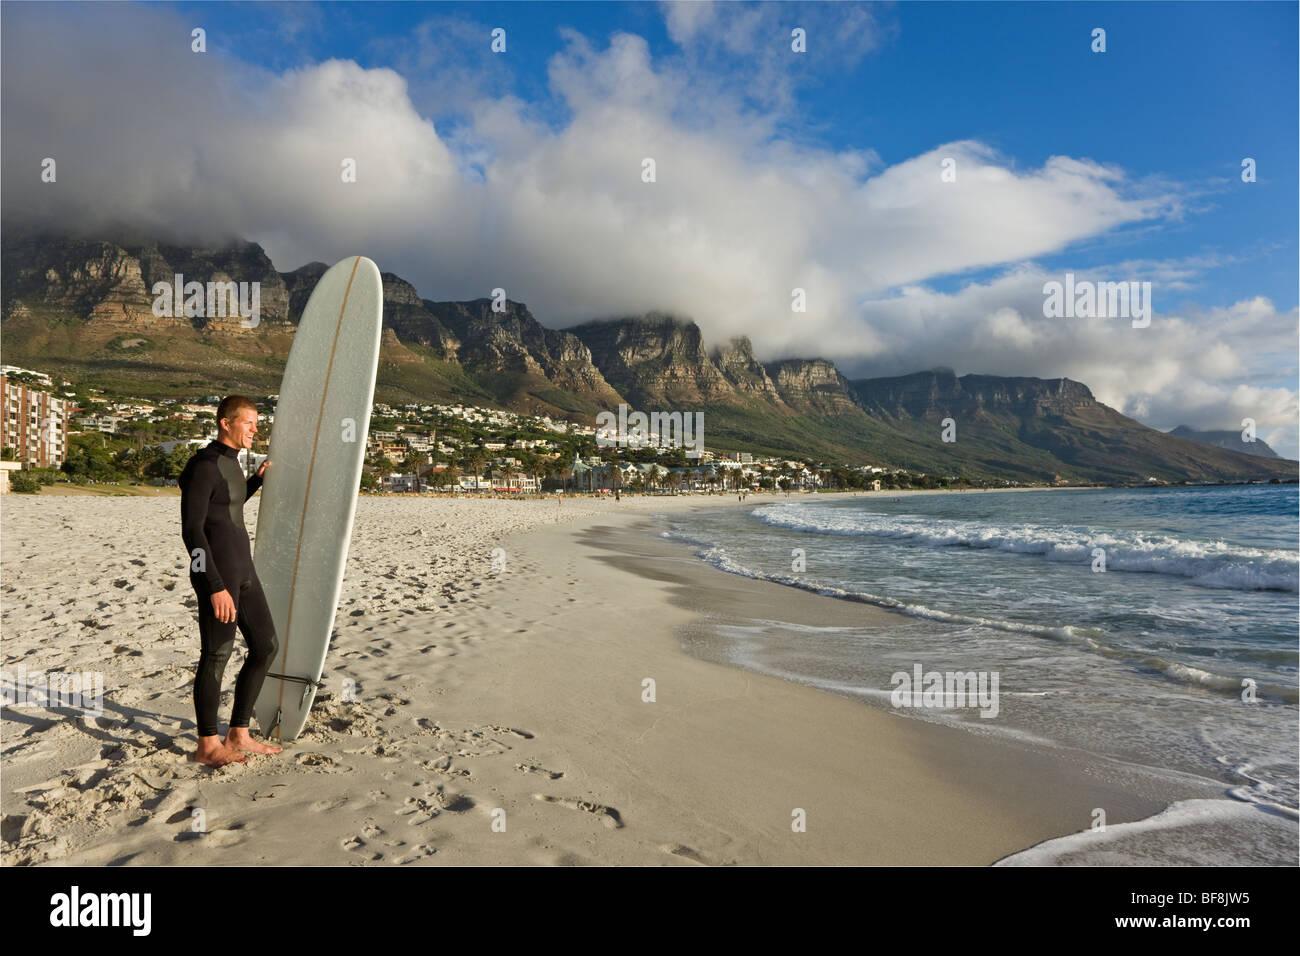 Surfista en la playa de Camps Bay, con los doce apóstoles de la Montaña de la Mesa en el fondo. Cape Town Imagen De Stock